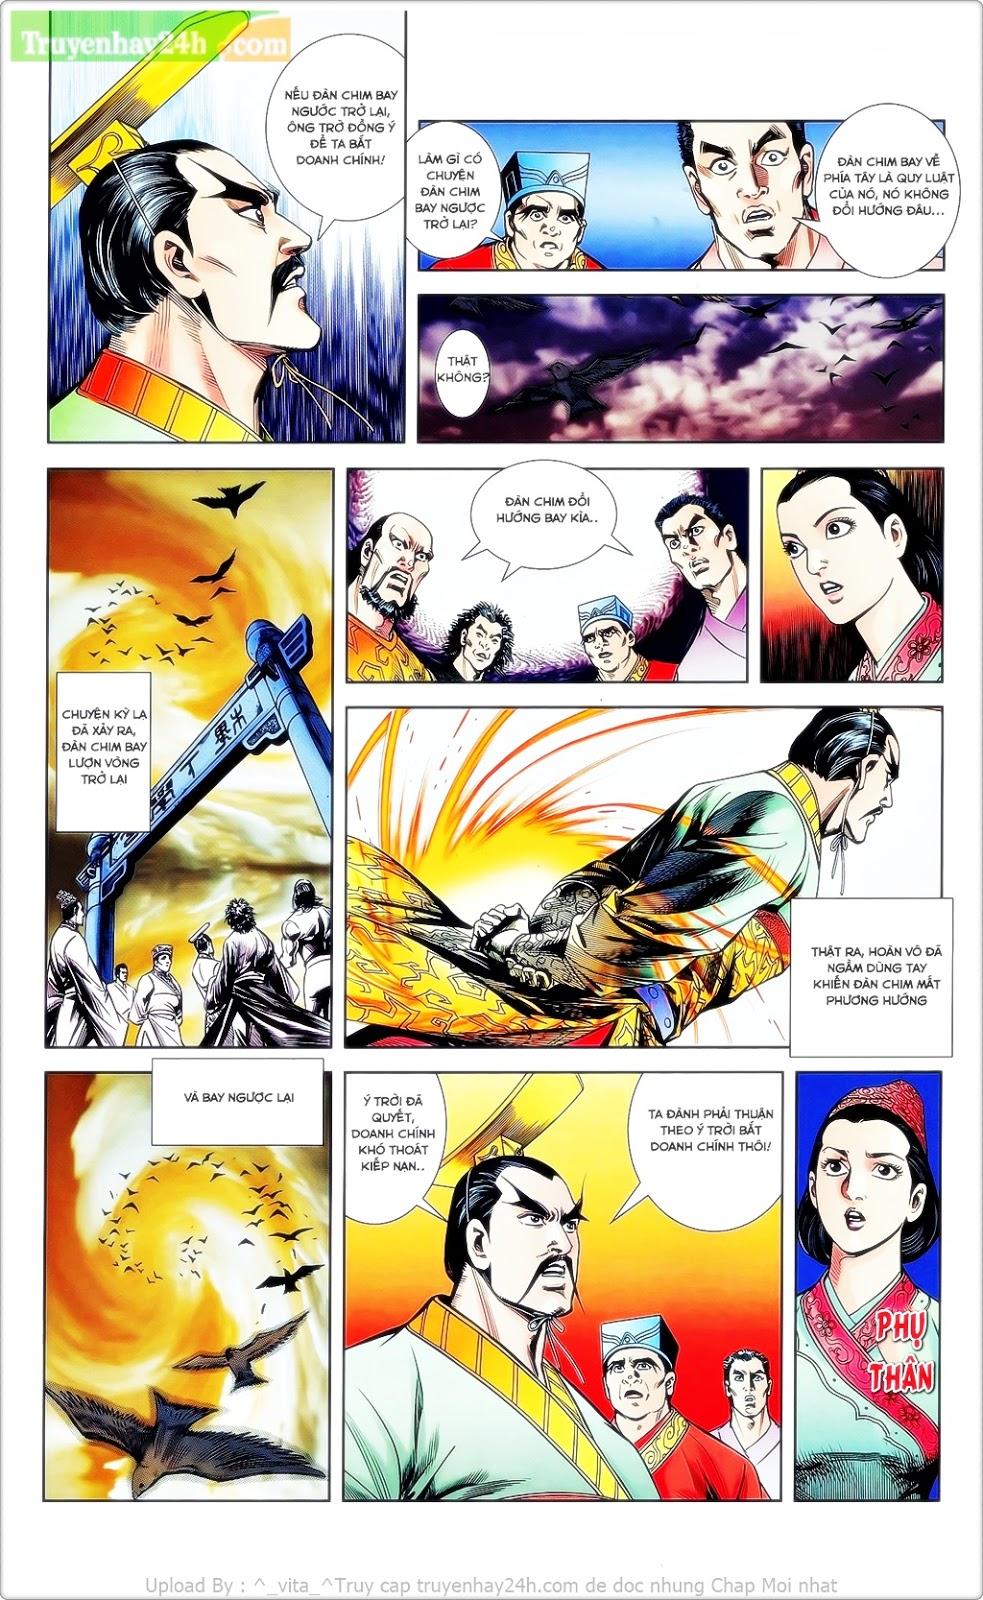 Tần Vương Doanh Chính chapter 23 trang 13